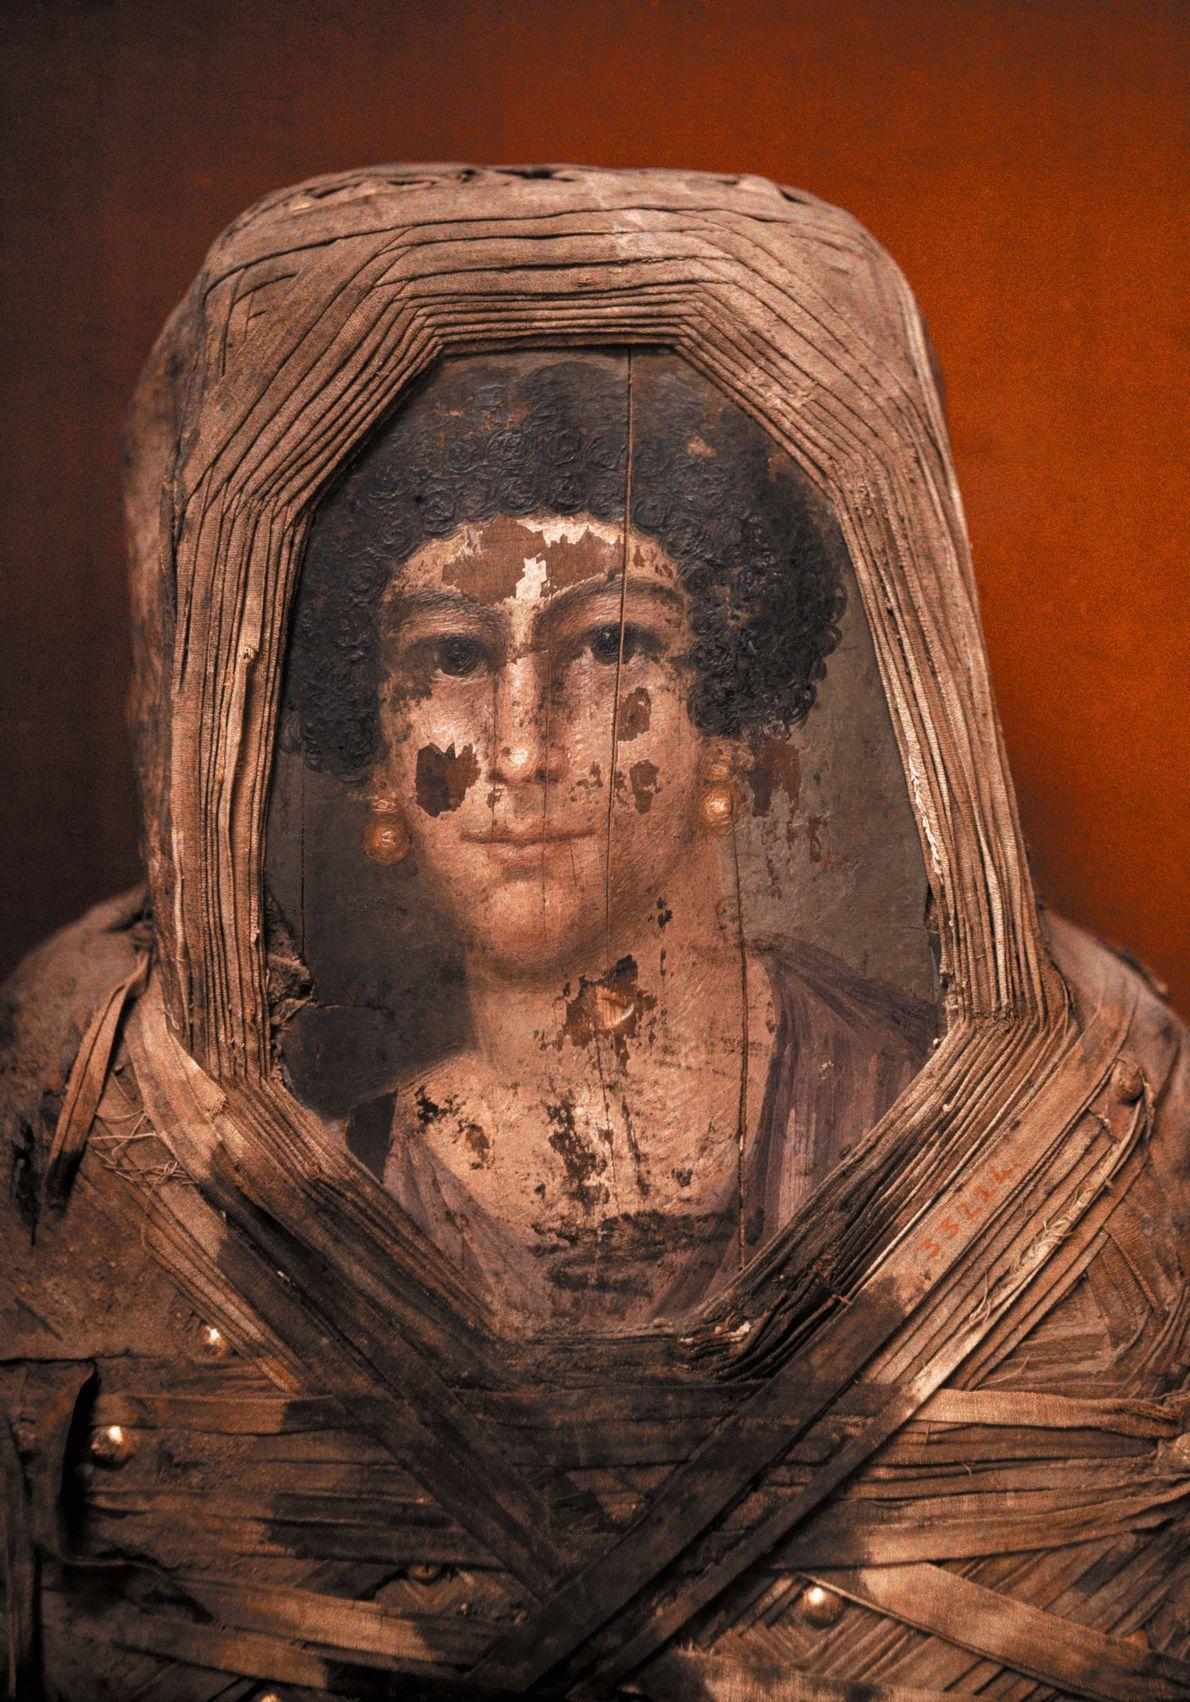 Placa autocroma del retrato de una mujer del Egipto romano sobre su propia momia.Museo Egipcio, El ...